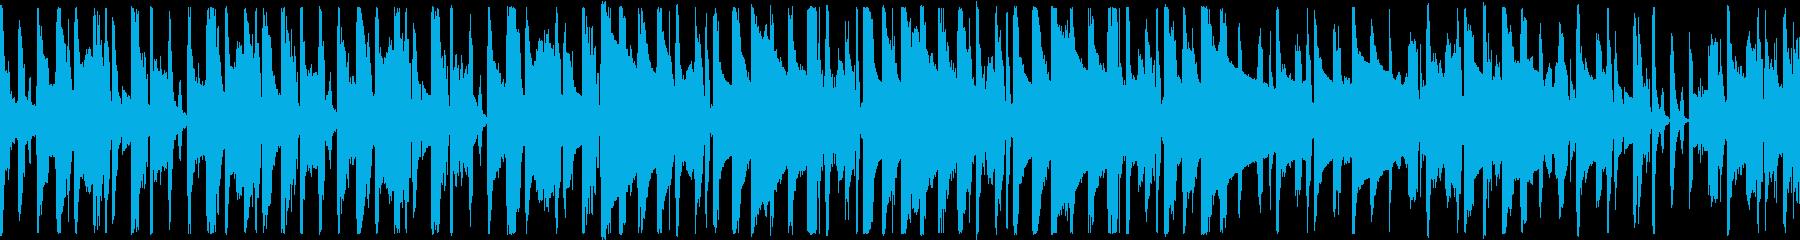 ループ、レトロゲーム、セレクト画面などの再生済みの波形